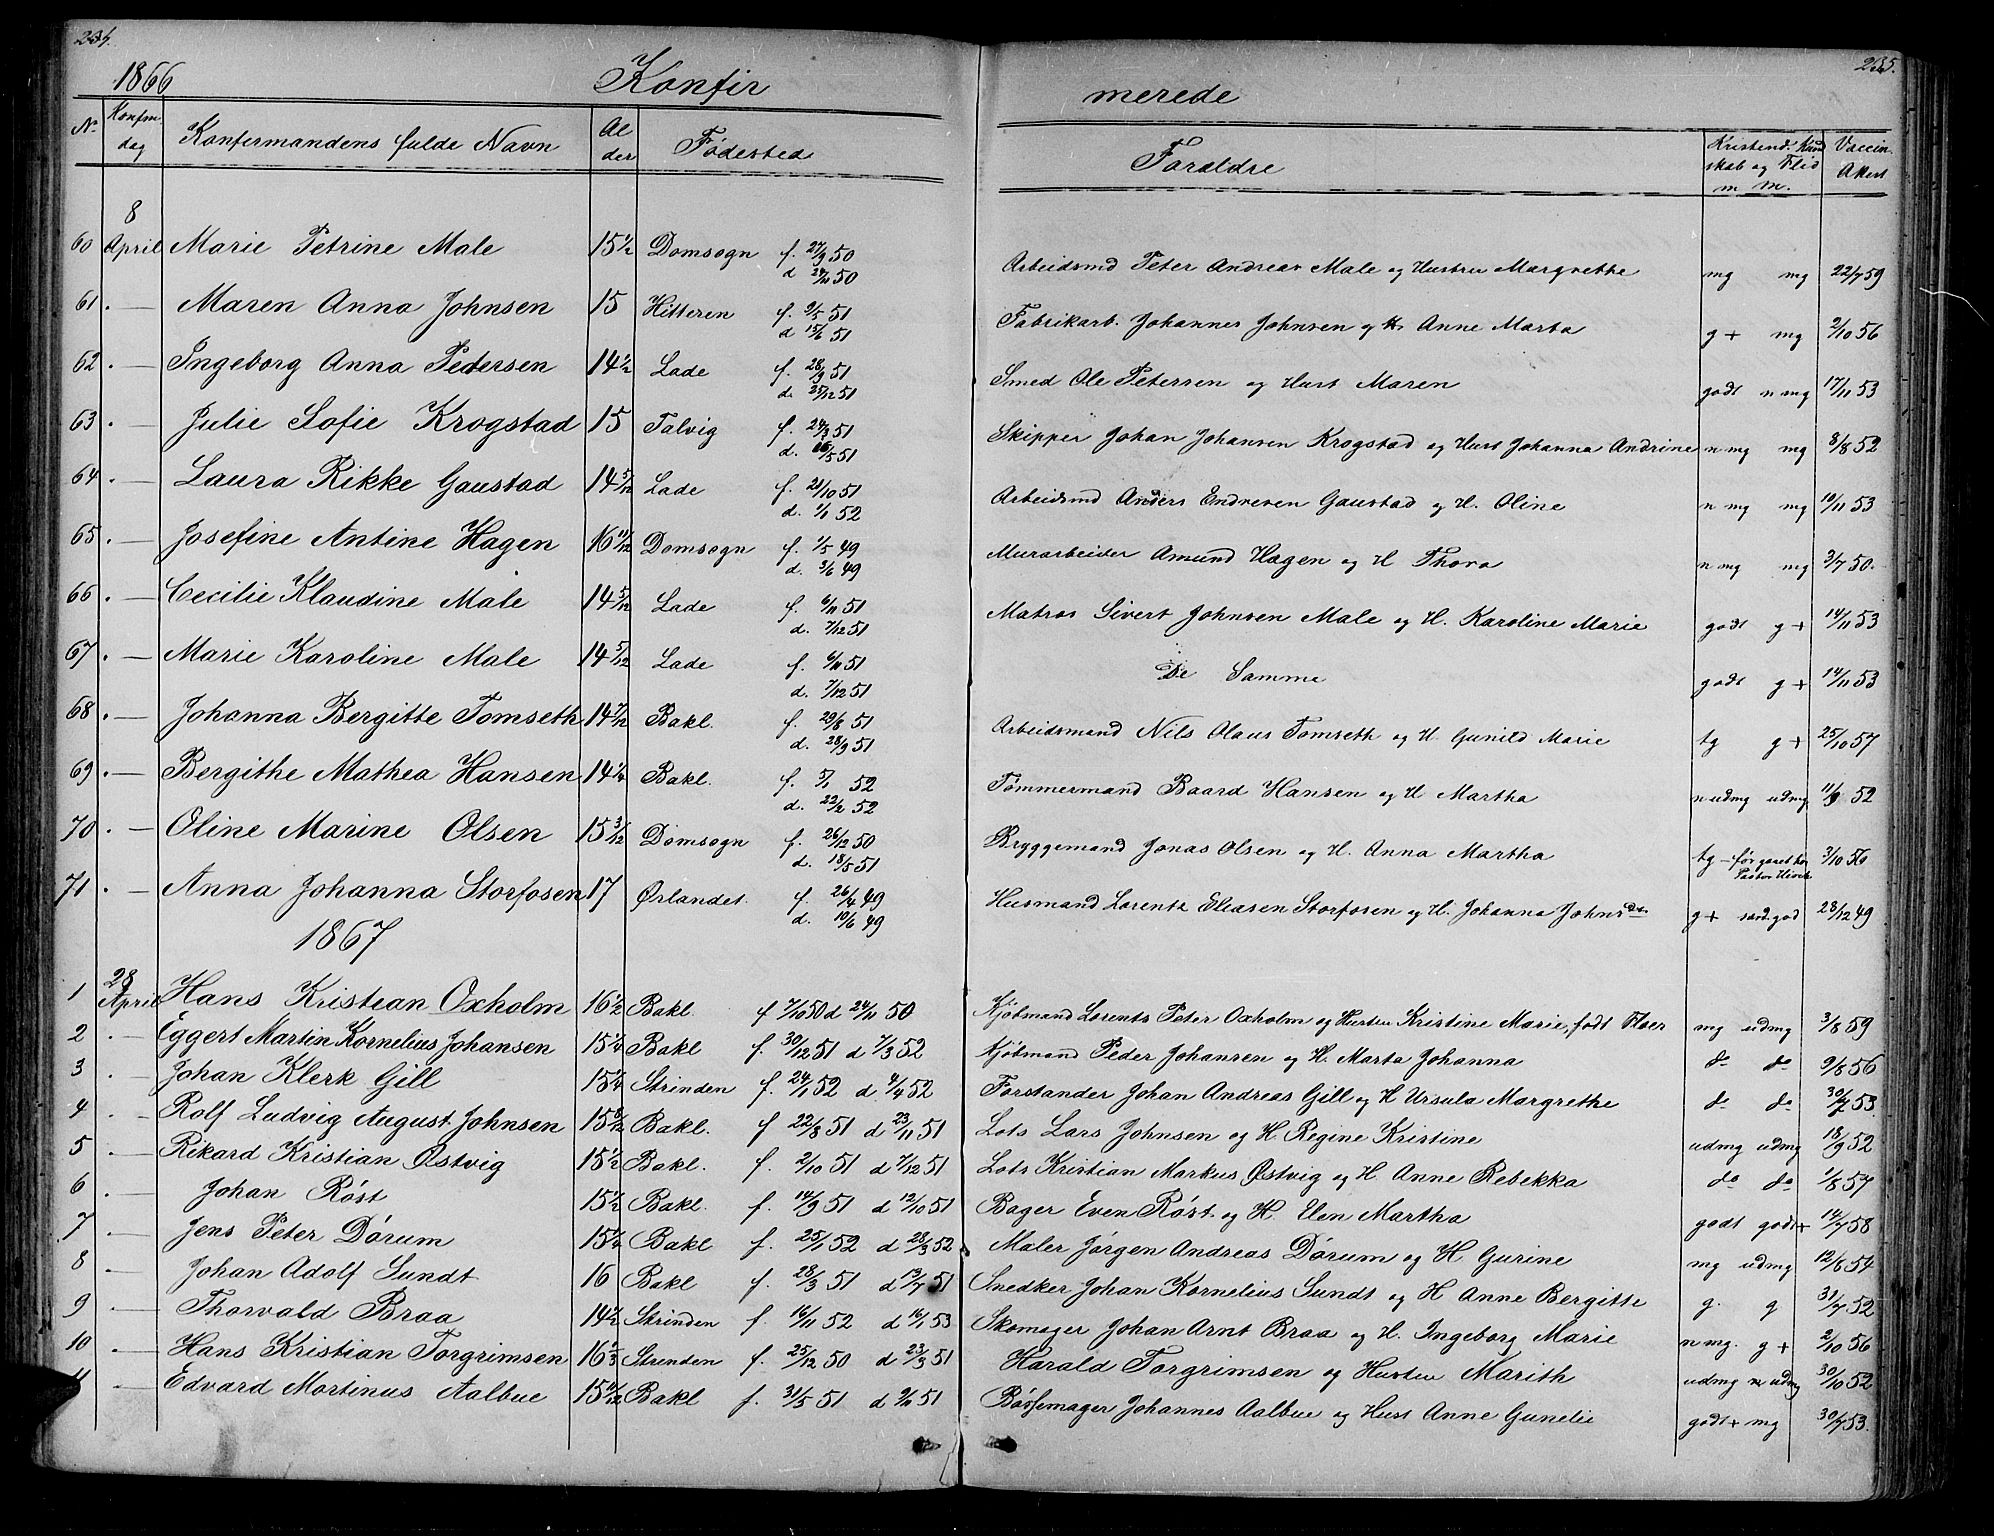 SAT, Ministerialprotokoller, klokkerbøker og fødselsregistre - Sør-Trøndelag, 604/L0219: Klokkerbok nr. 604C02, 1851-1869, s. 234-235